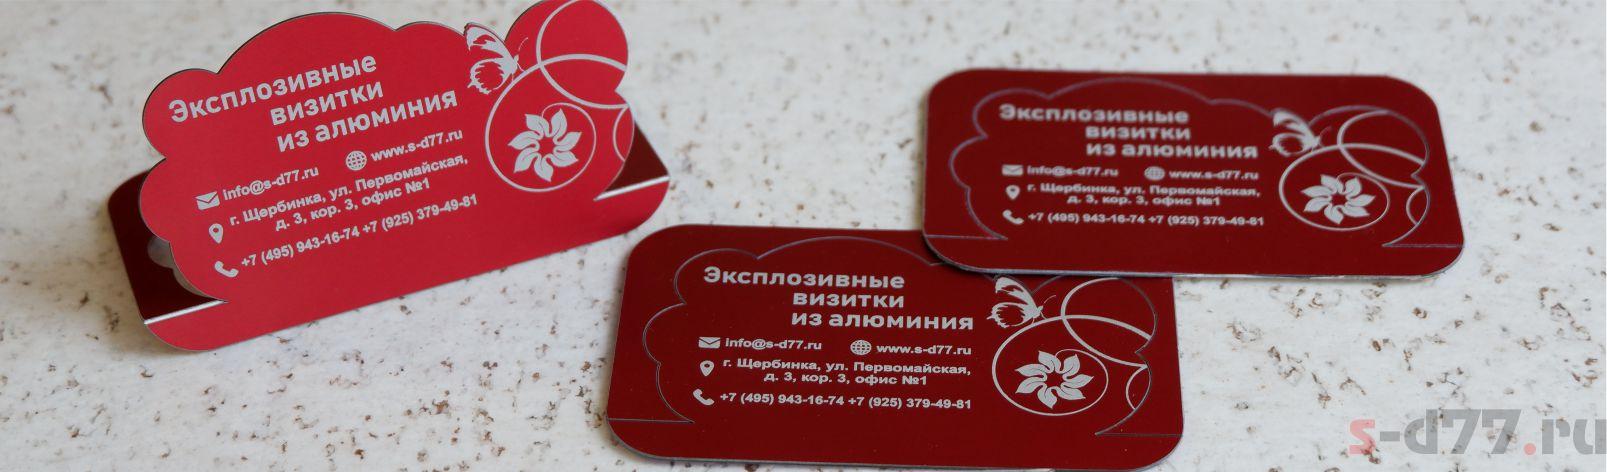 Визитные карточки из алюминия щербинка